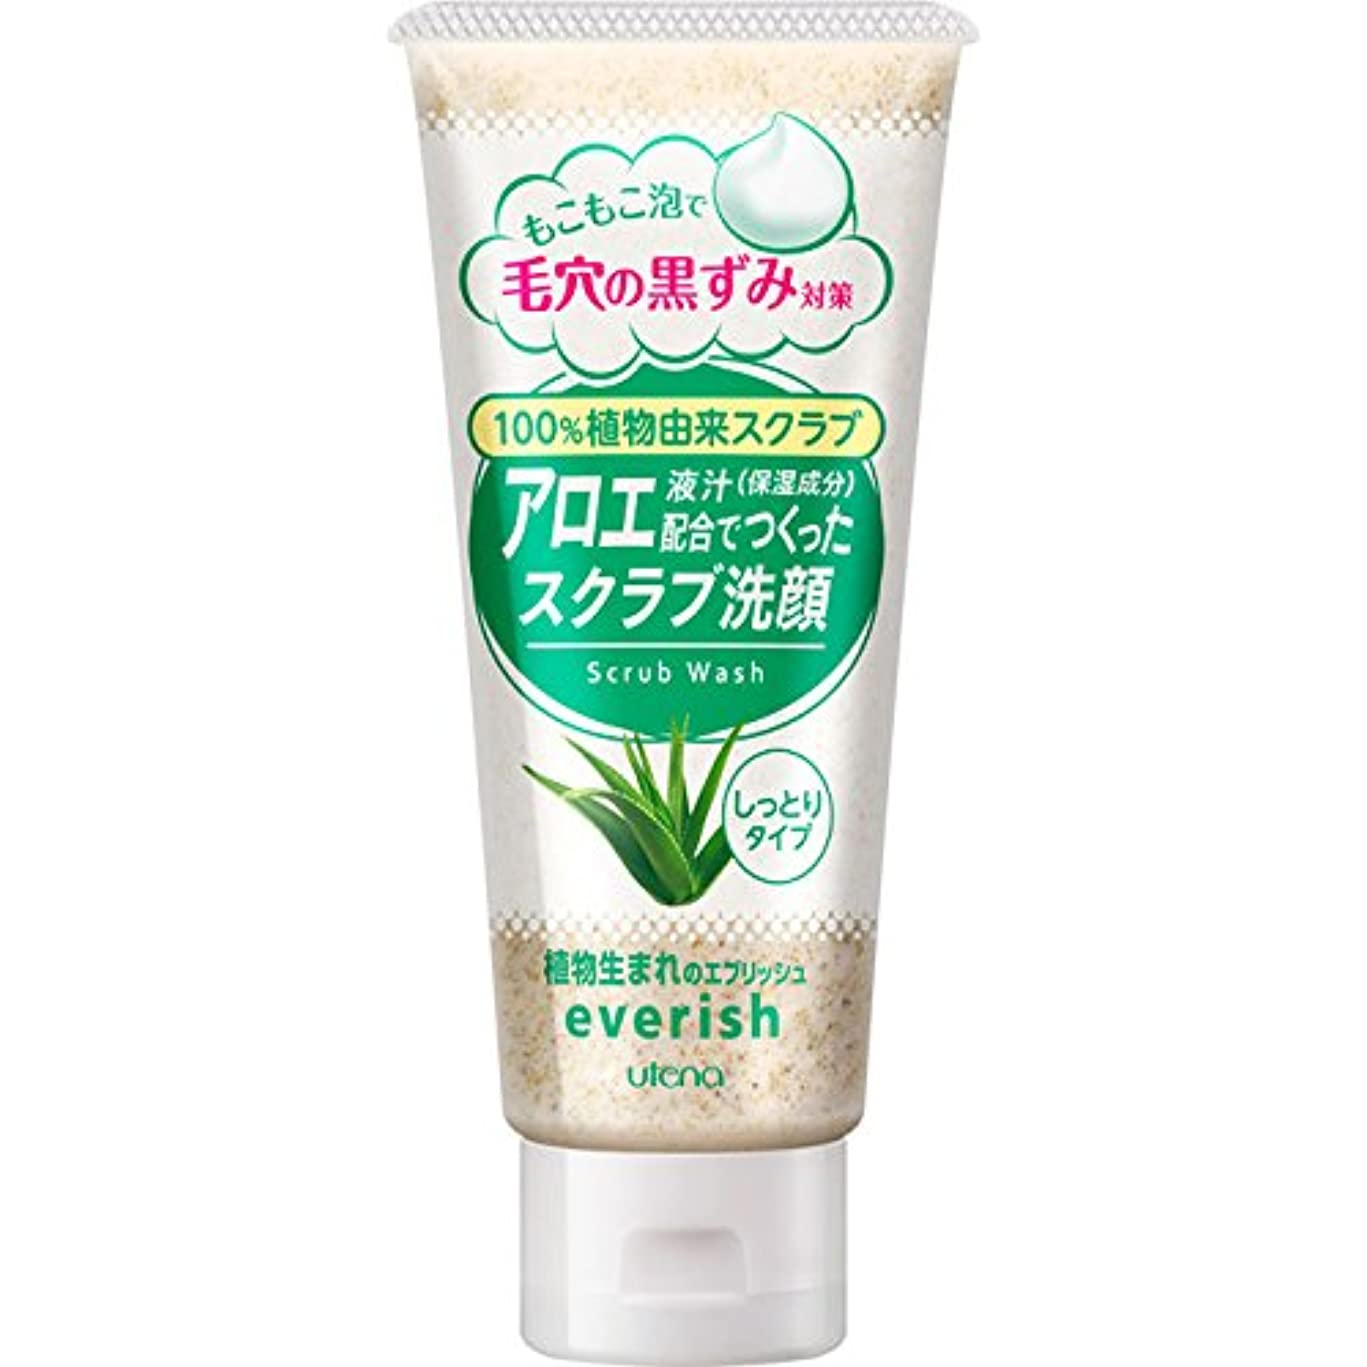 ニンニク十代増強するウテナ アロエでつくったスクラブ配合洗顔 135g